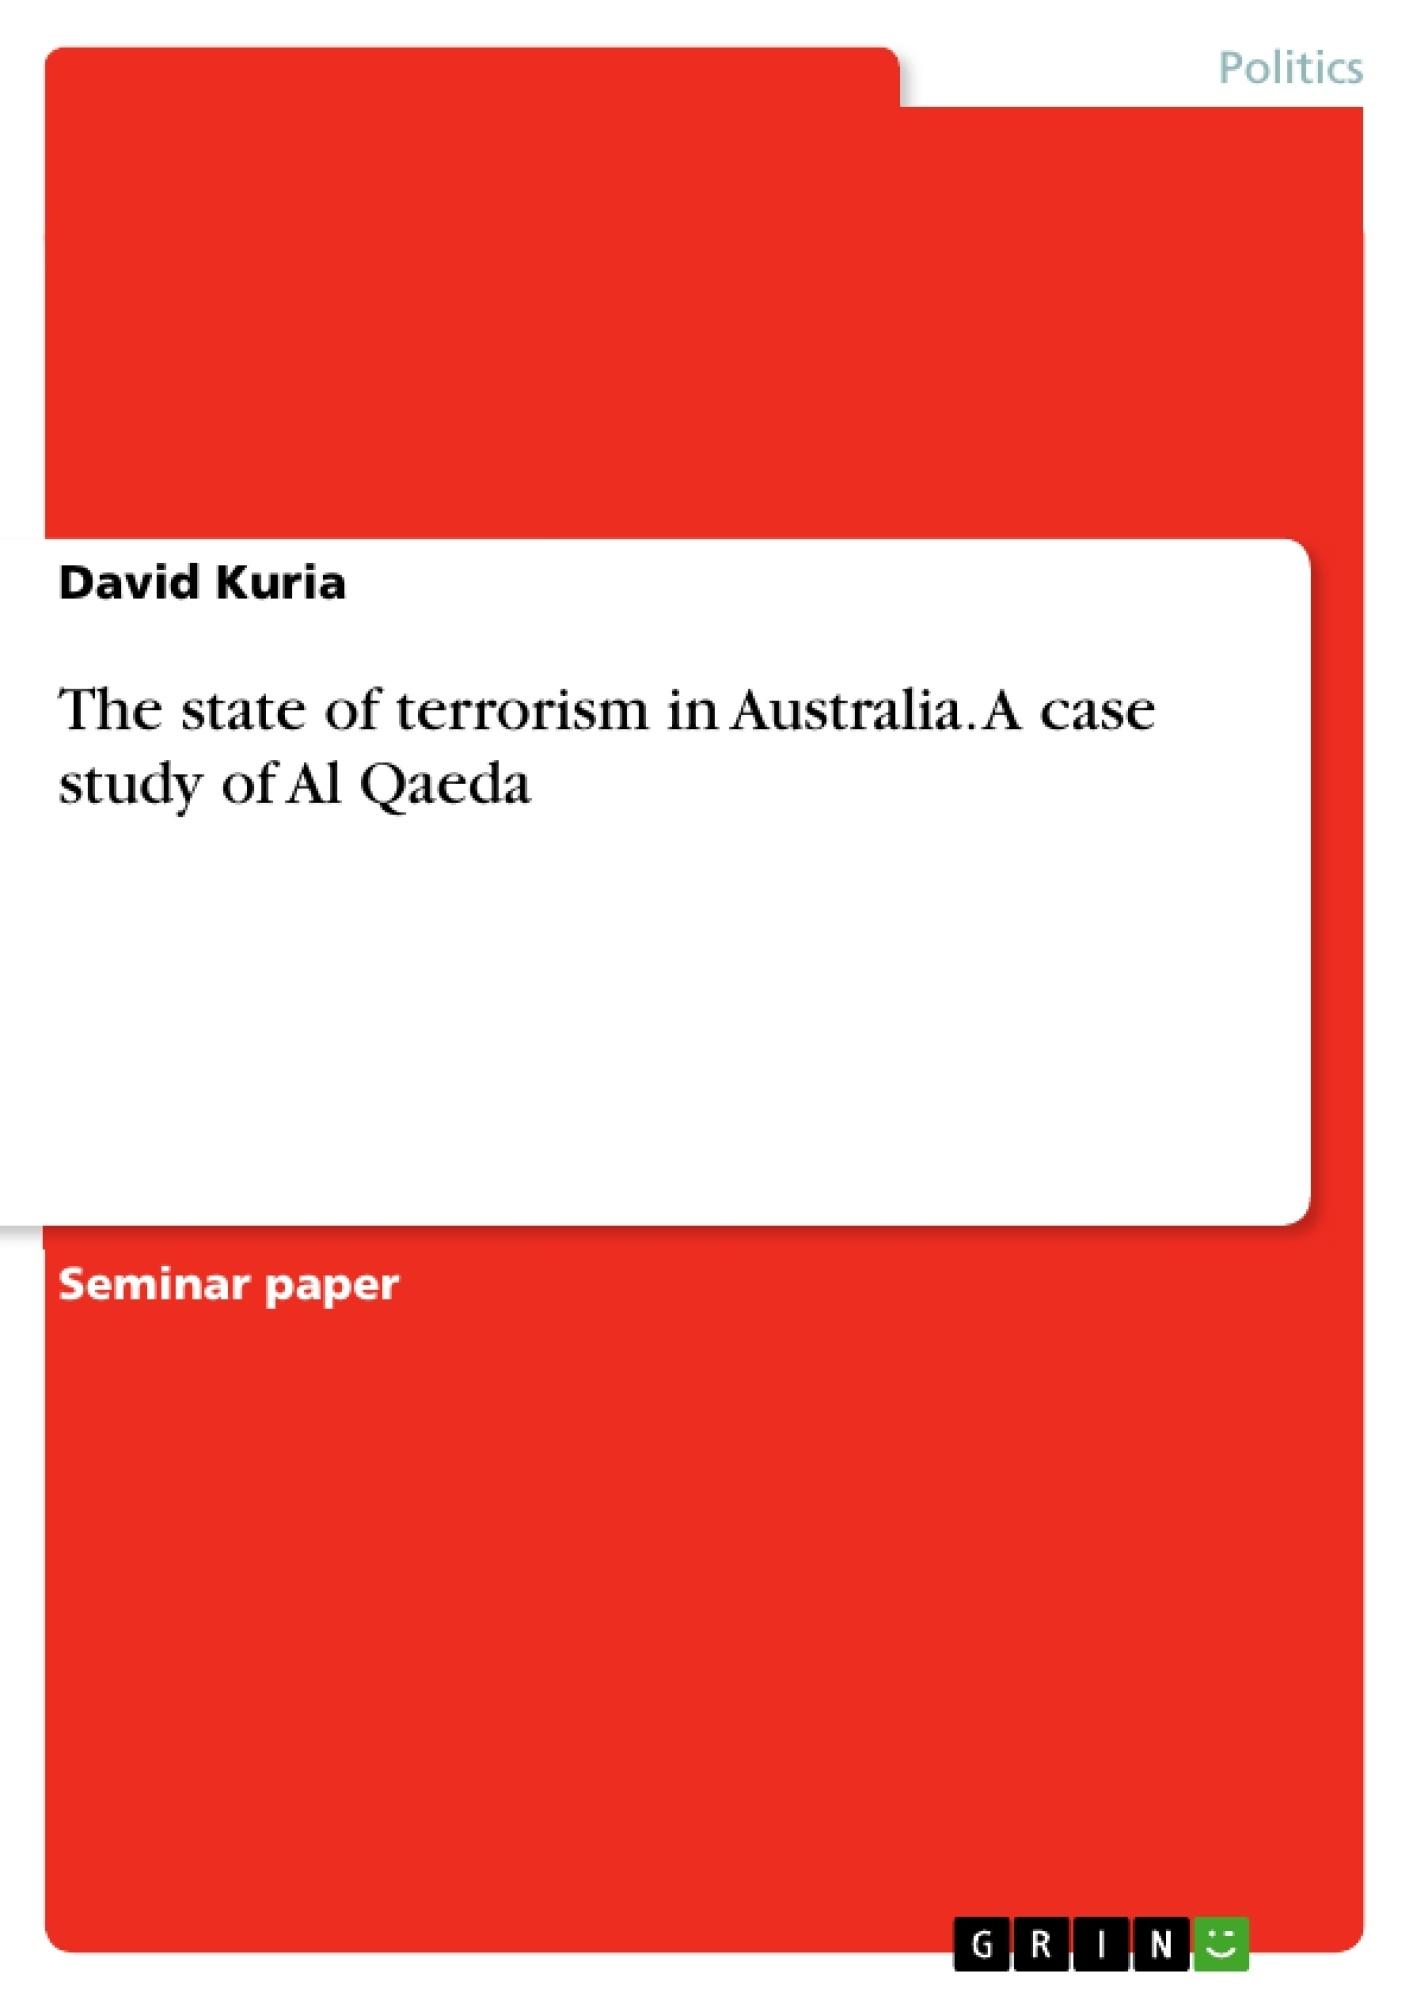 Title: The state of terrorism in Australia. A case study of Al Qaeda